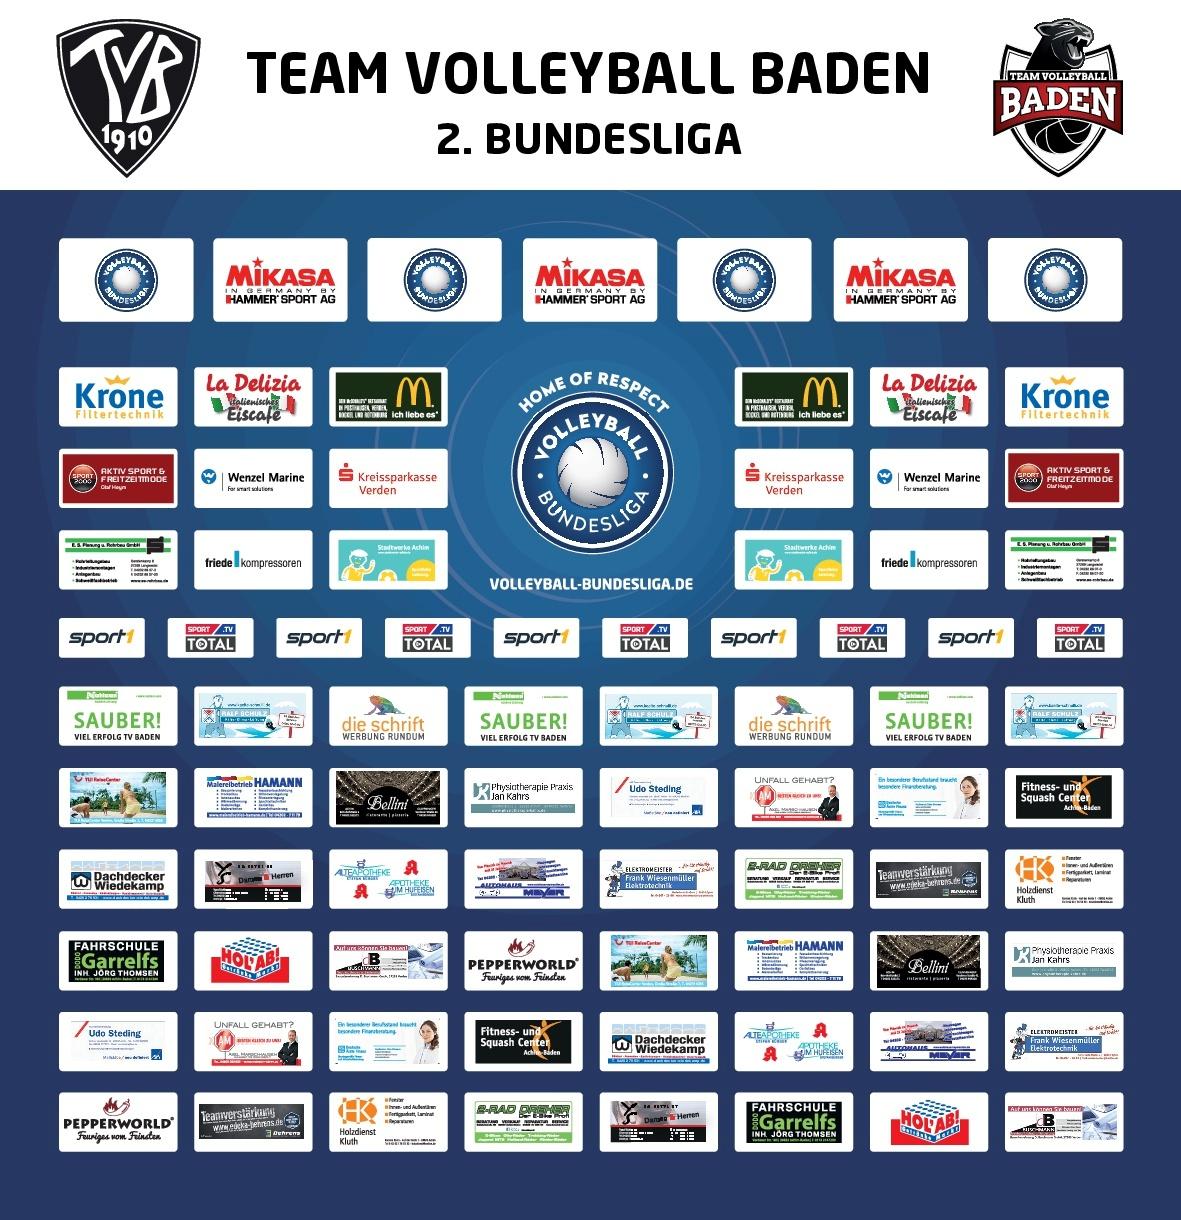 Sponsoring Bundesliga